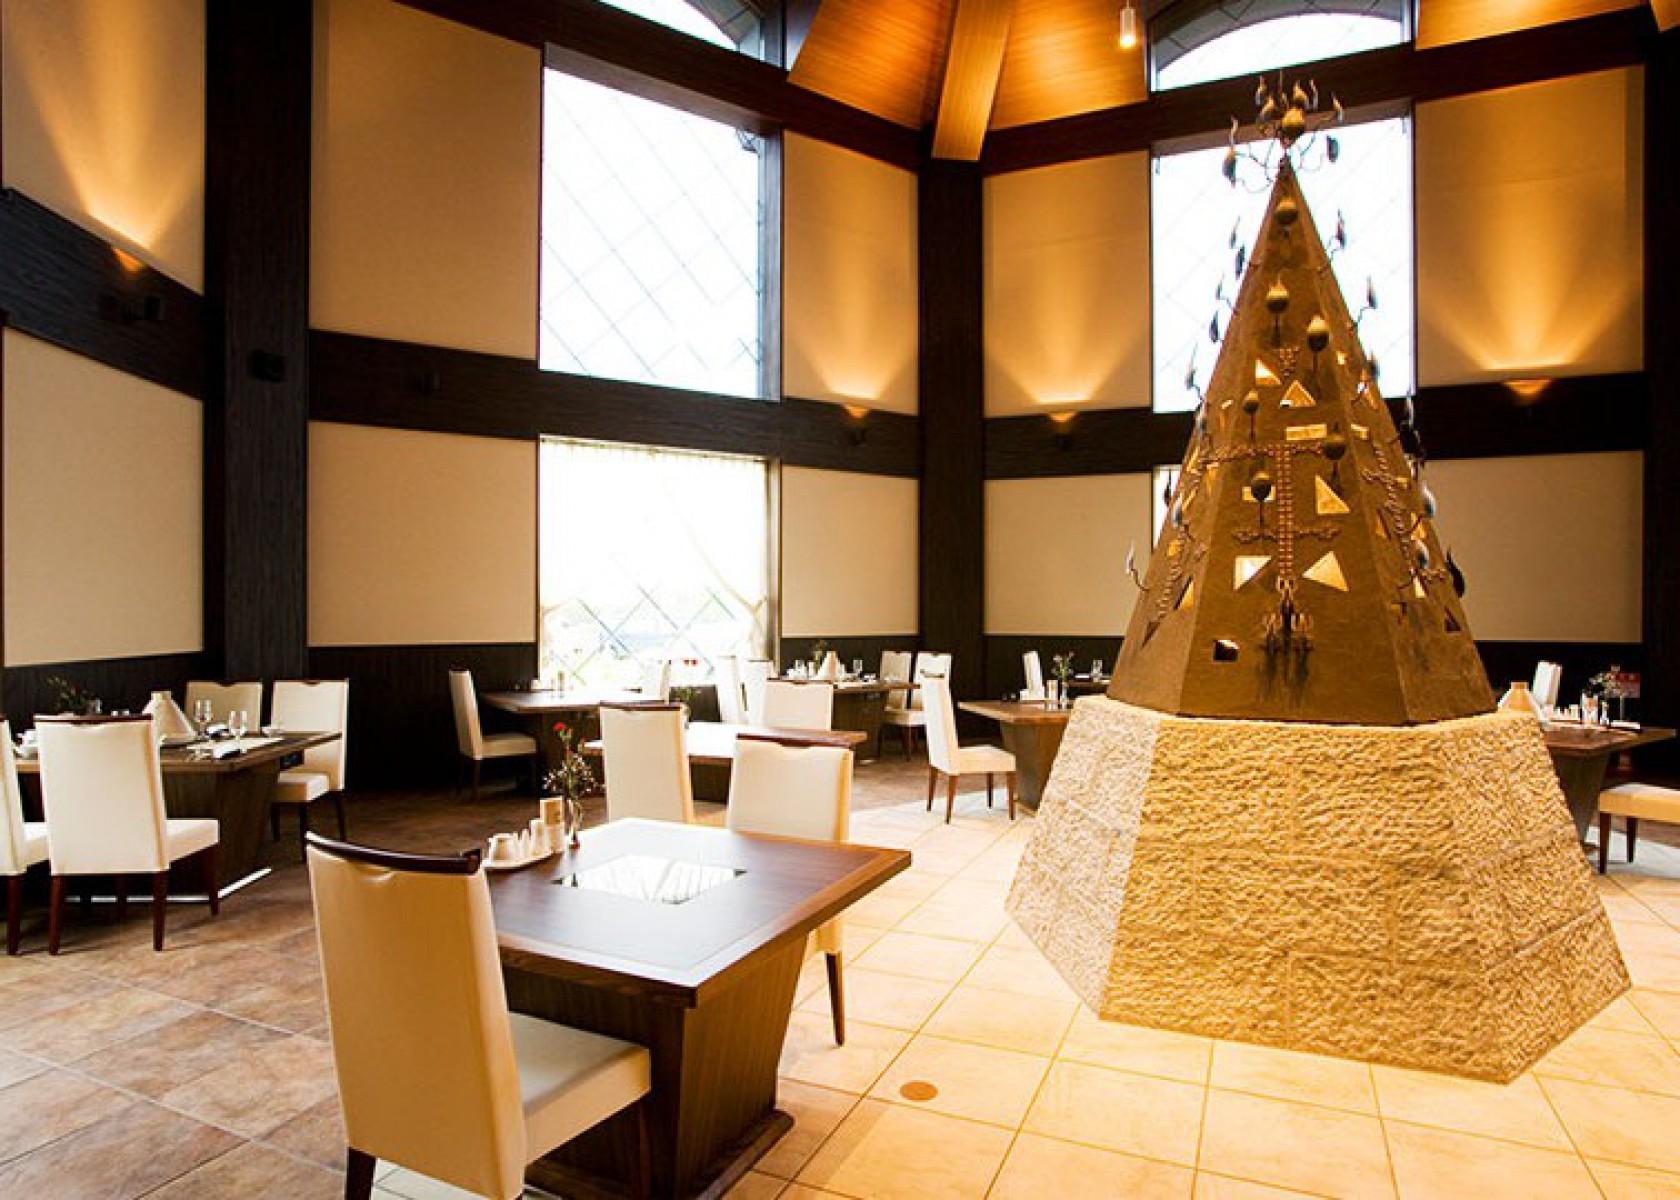 バイキングレストラン「COTA」